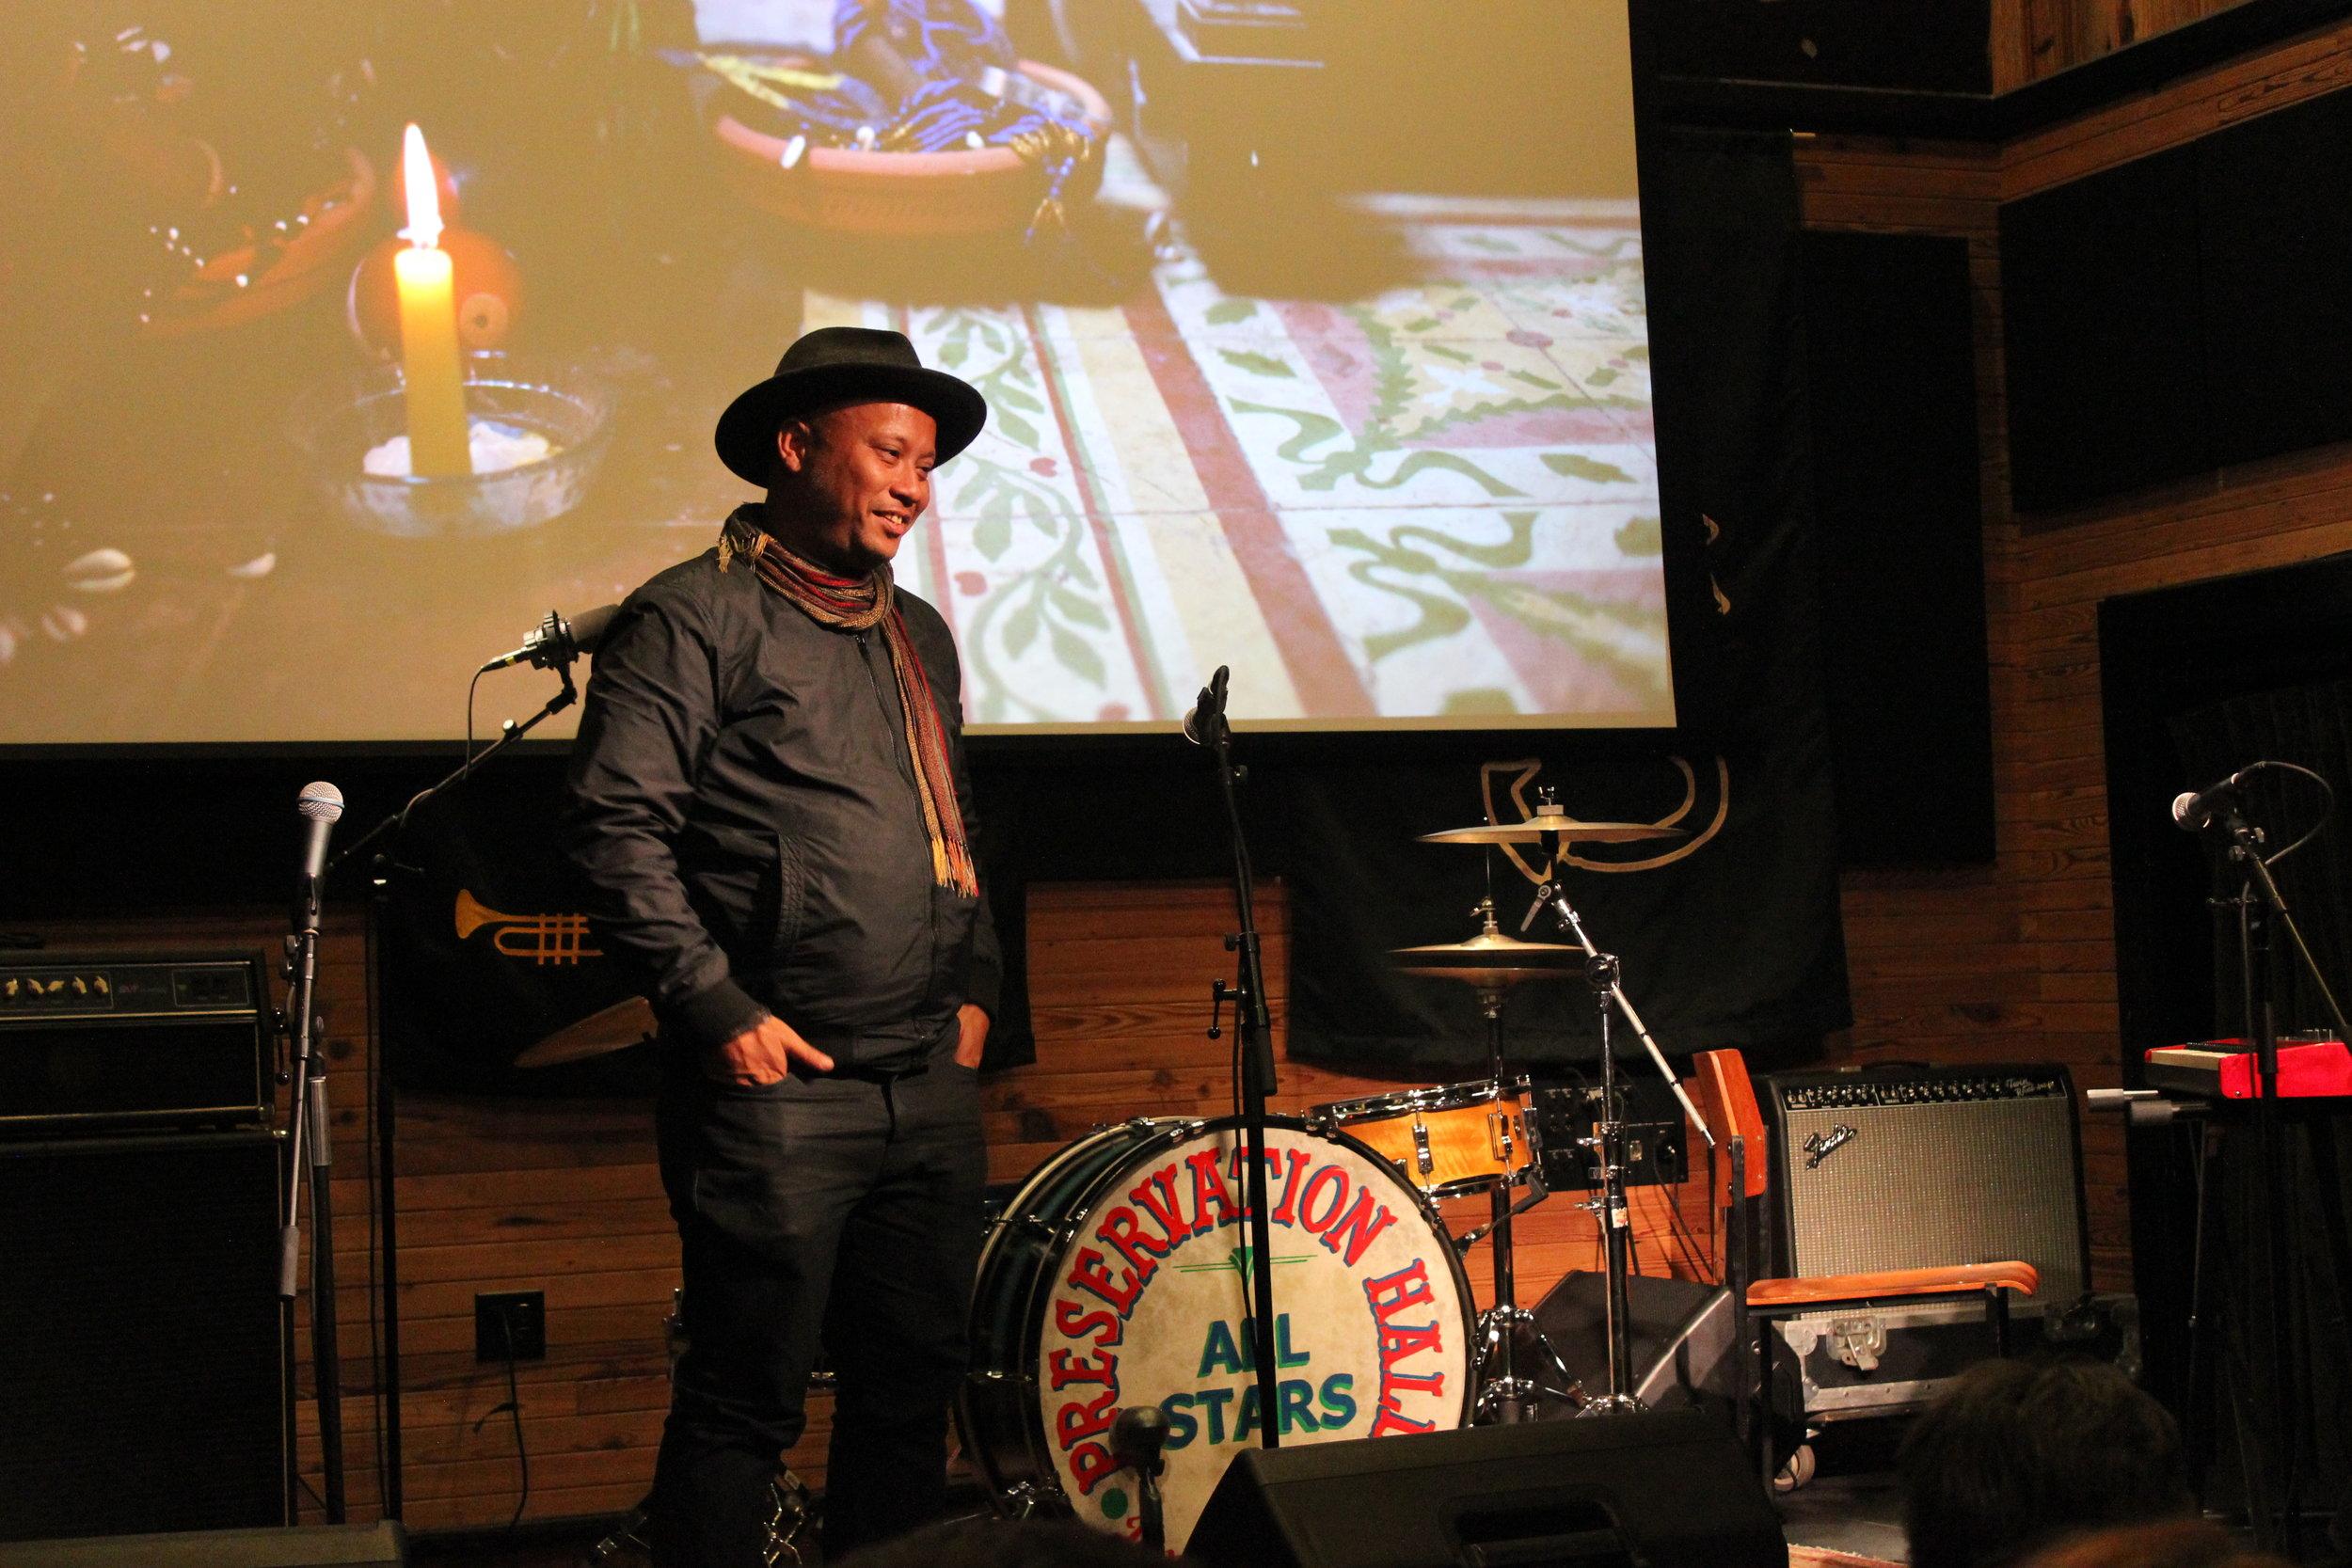 Photo courtesy of Georgina Rose/Ace Hotel.